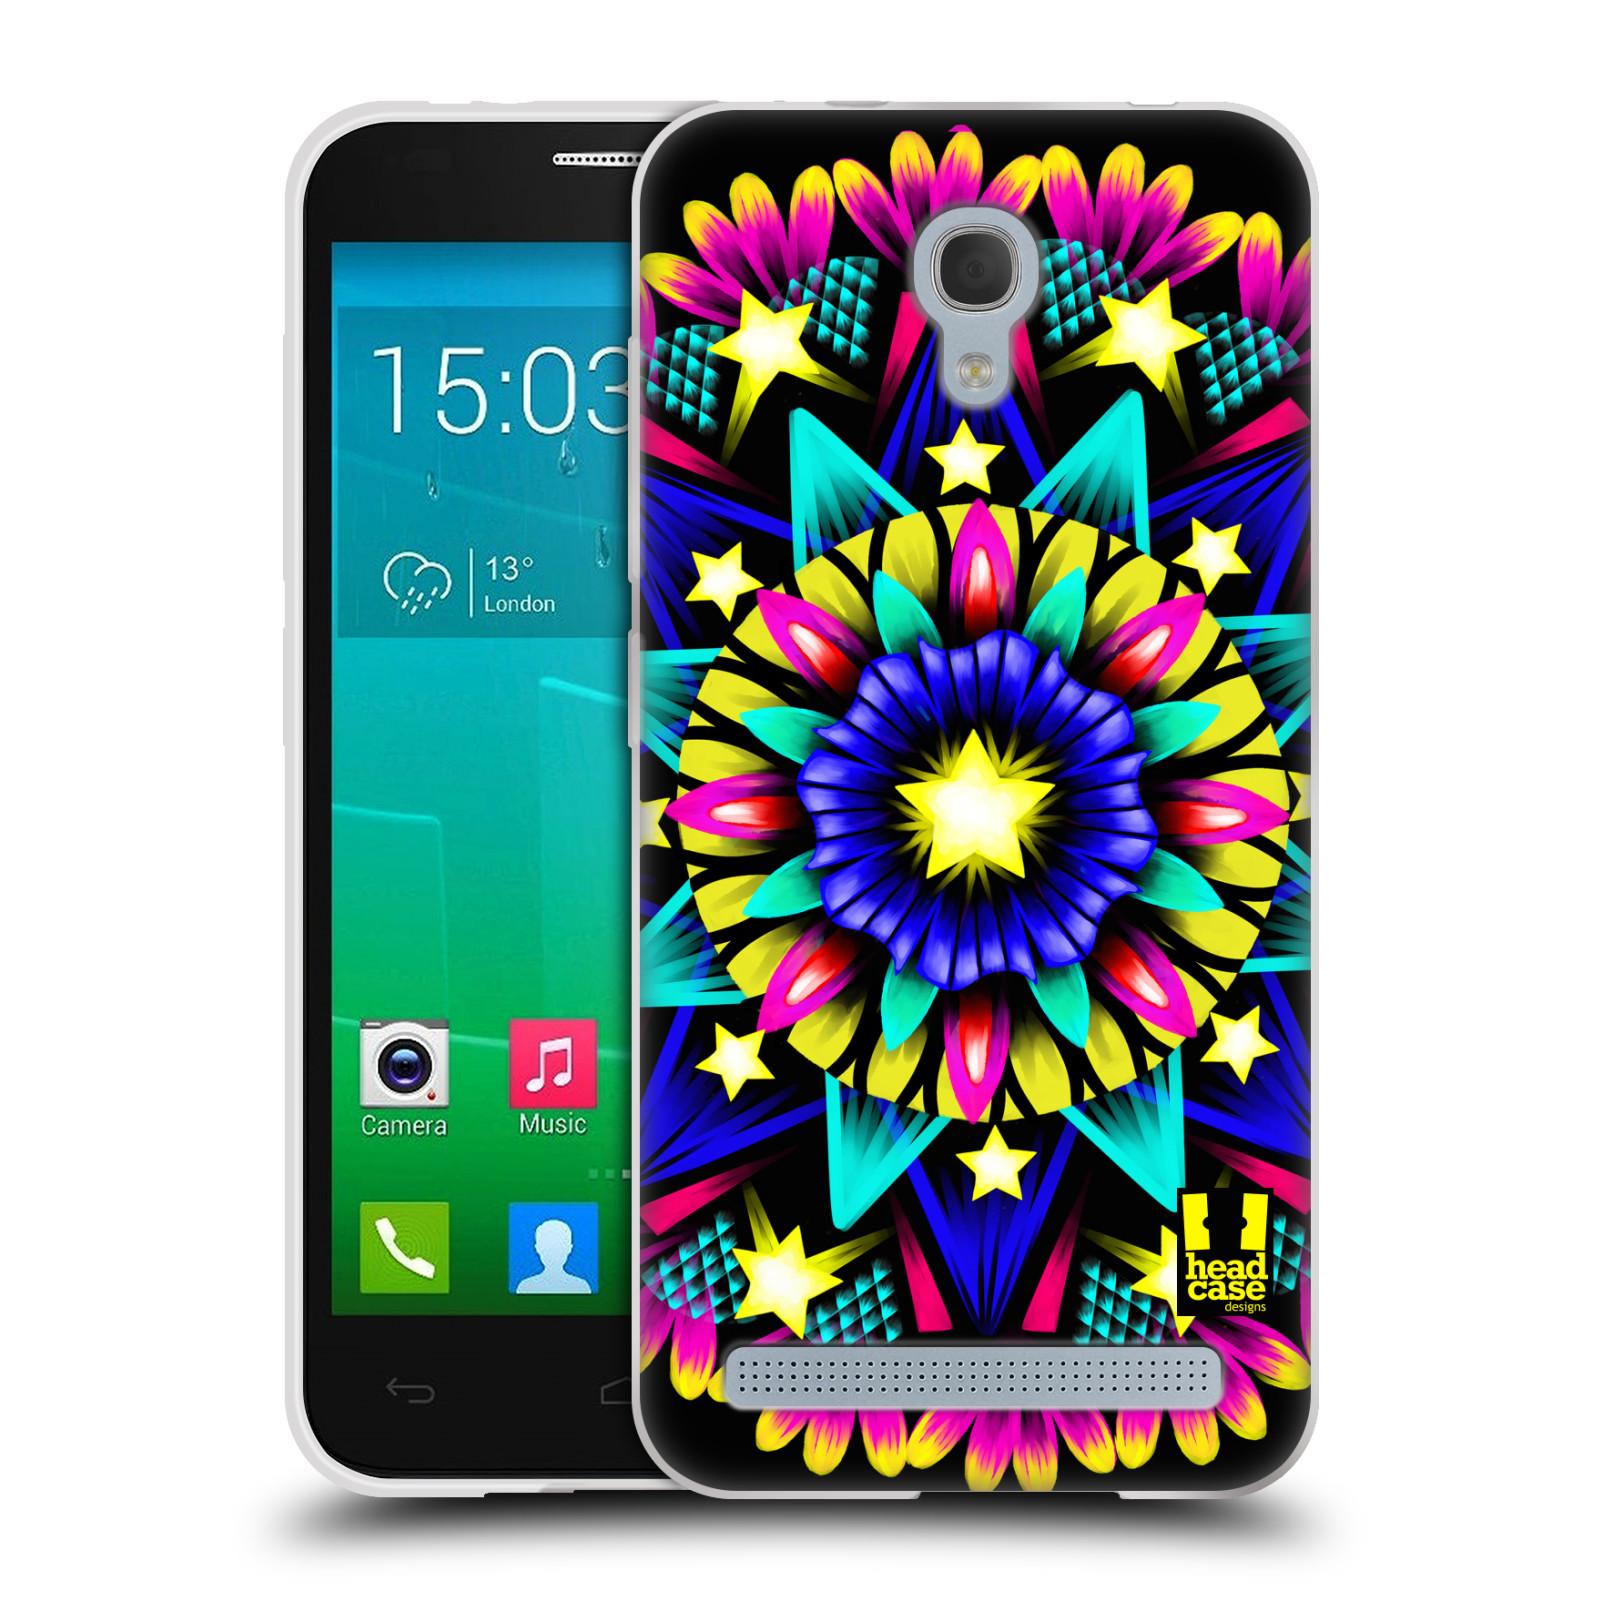 HEAD CASE silikonový obal na mobil Alcatel Idol 2 MINI S 6036Y vzor Indie Mandala kaleidoskop barevný vzor HVĚZDA